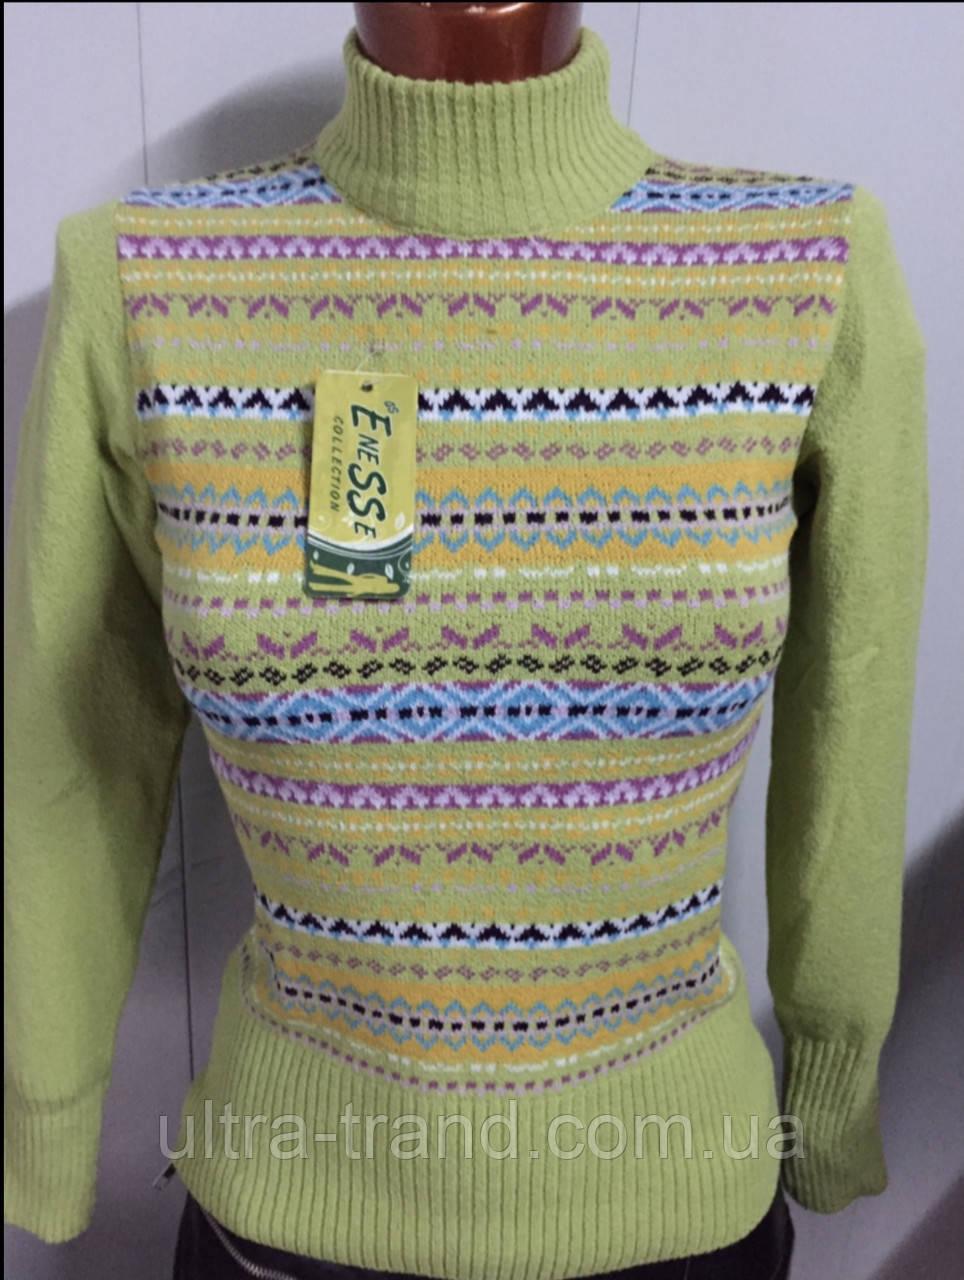 Стильные красивые турецкие шерстяные свитера, гольфы, водолазки